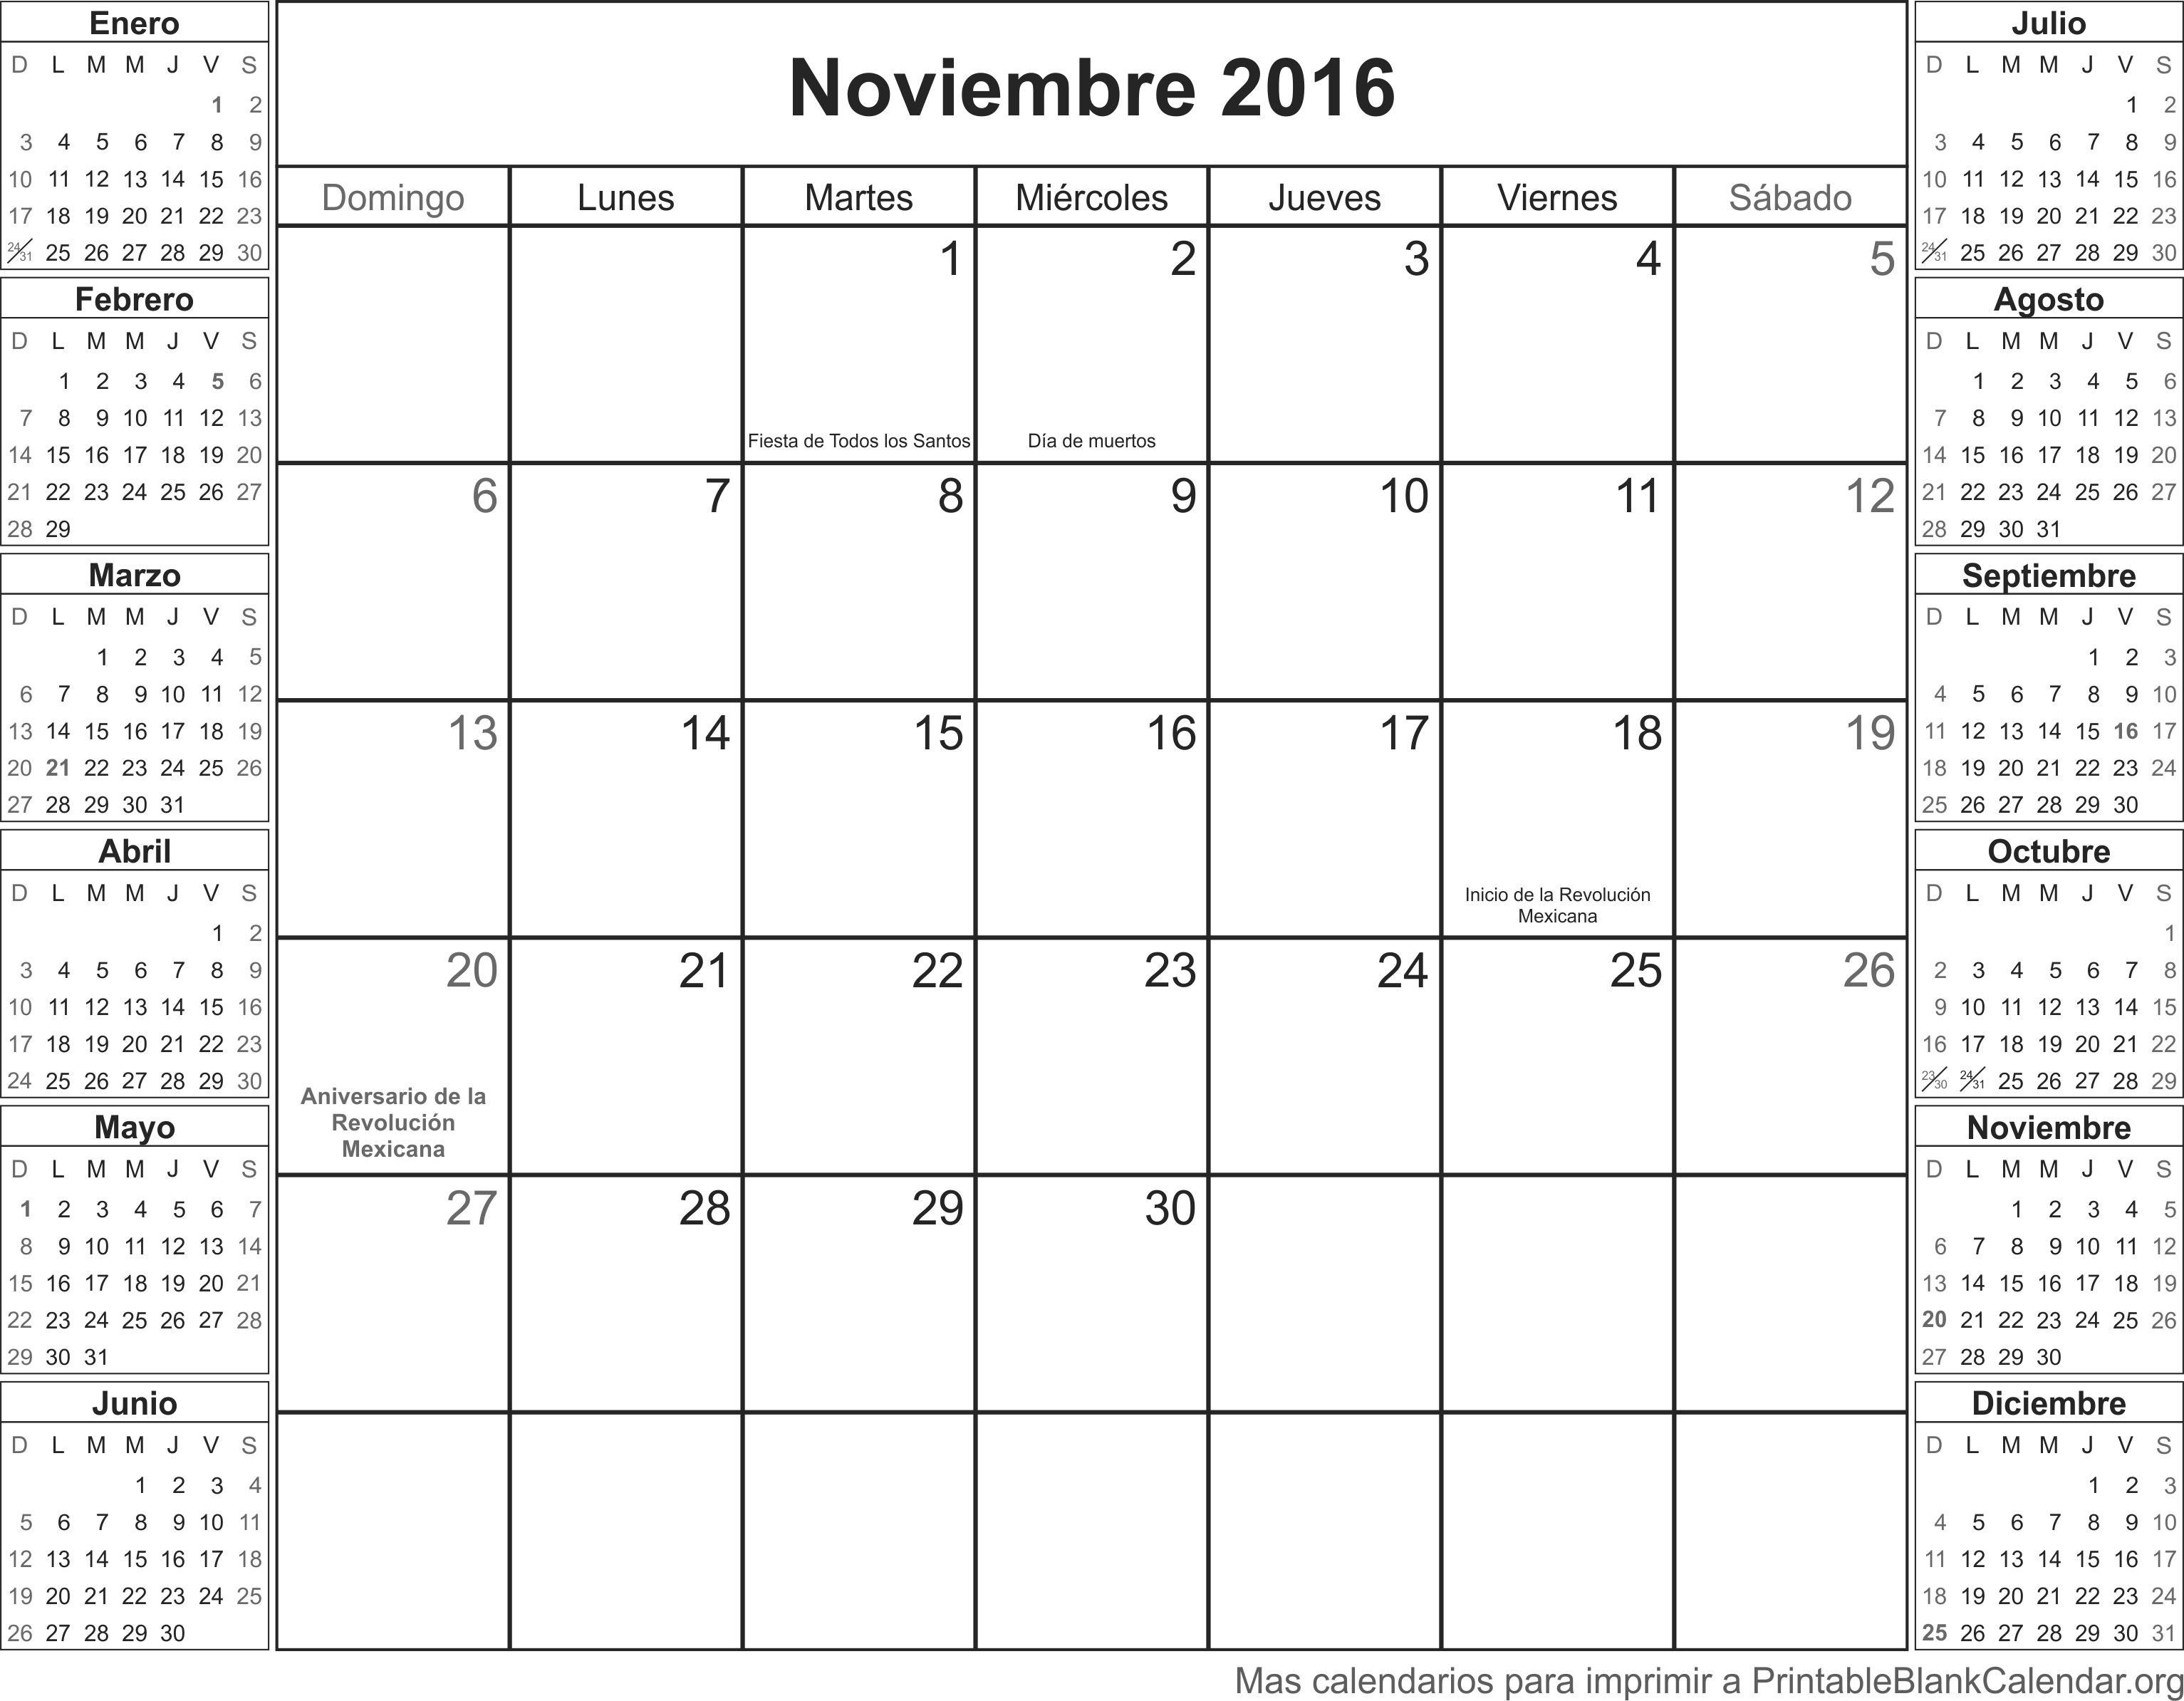 Noviembre 2016 calendario